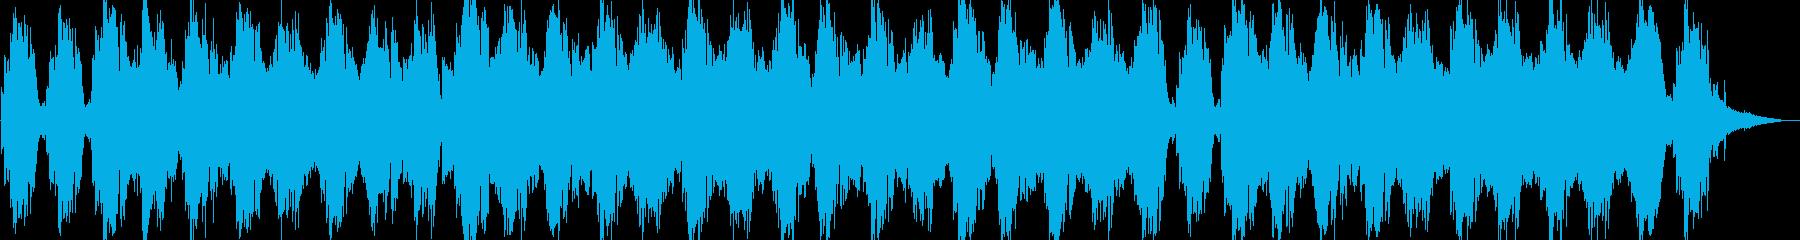 リラックス・映像・ナレーション用の再生済みの波形